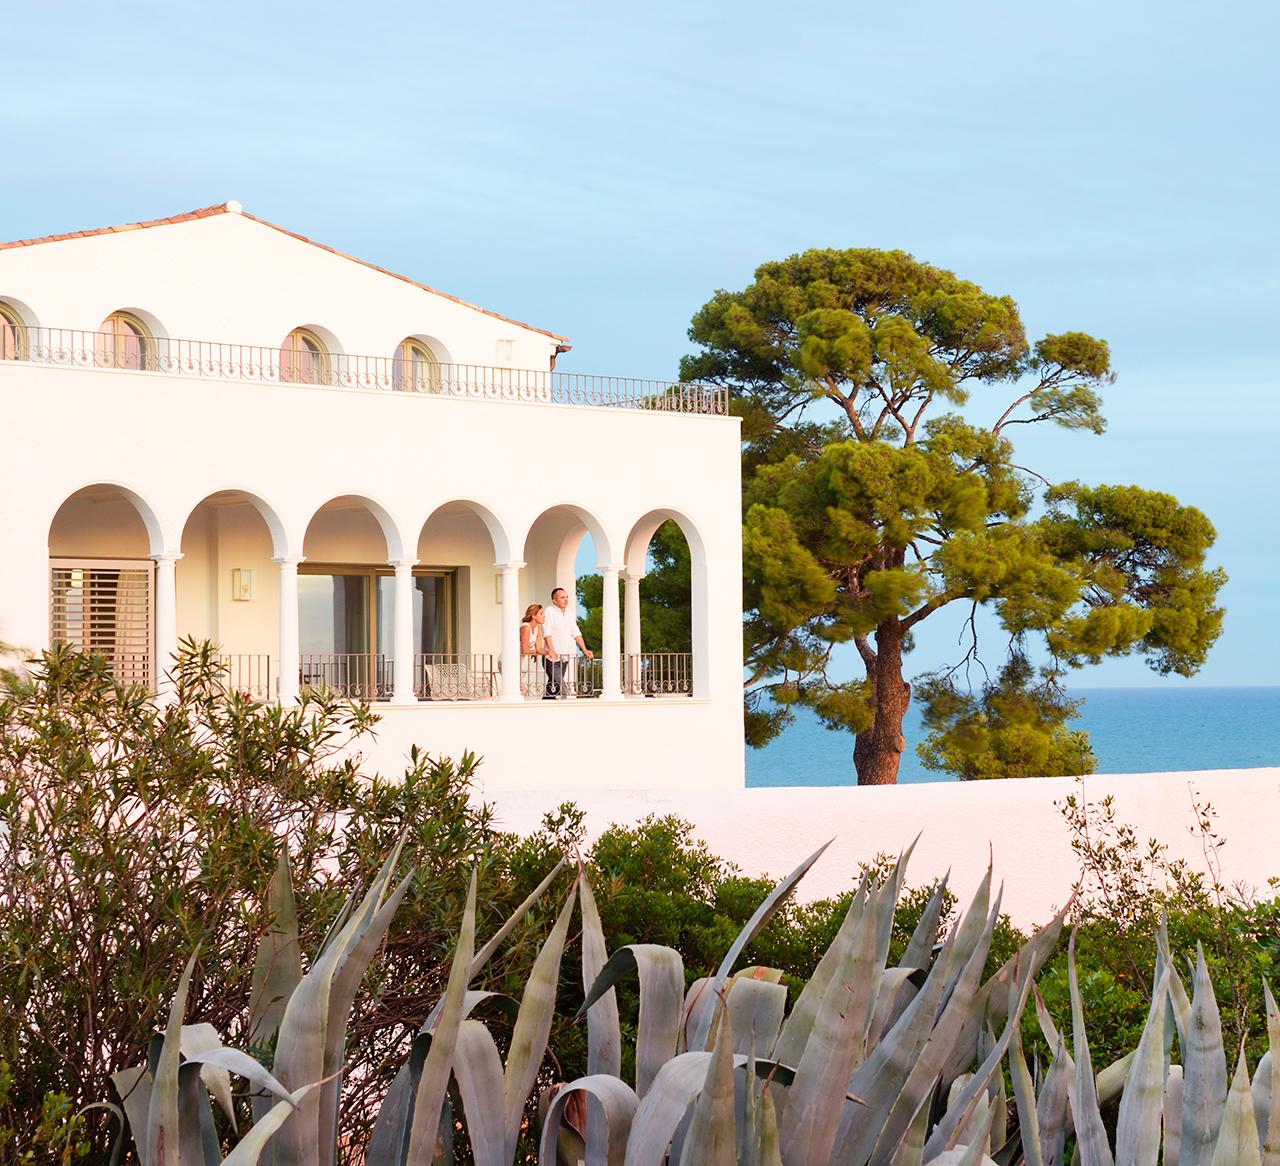 Una preciosa casa junto al mar con siete siglos de historia - Arcos de jardin ...